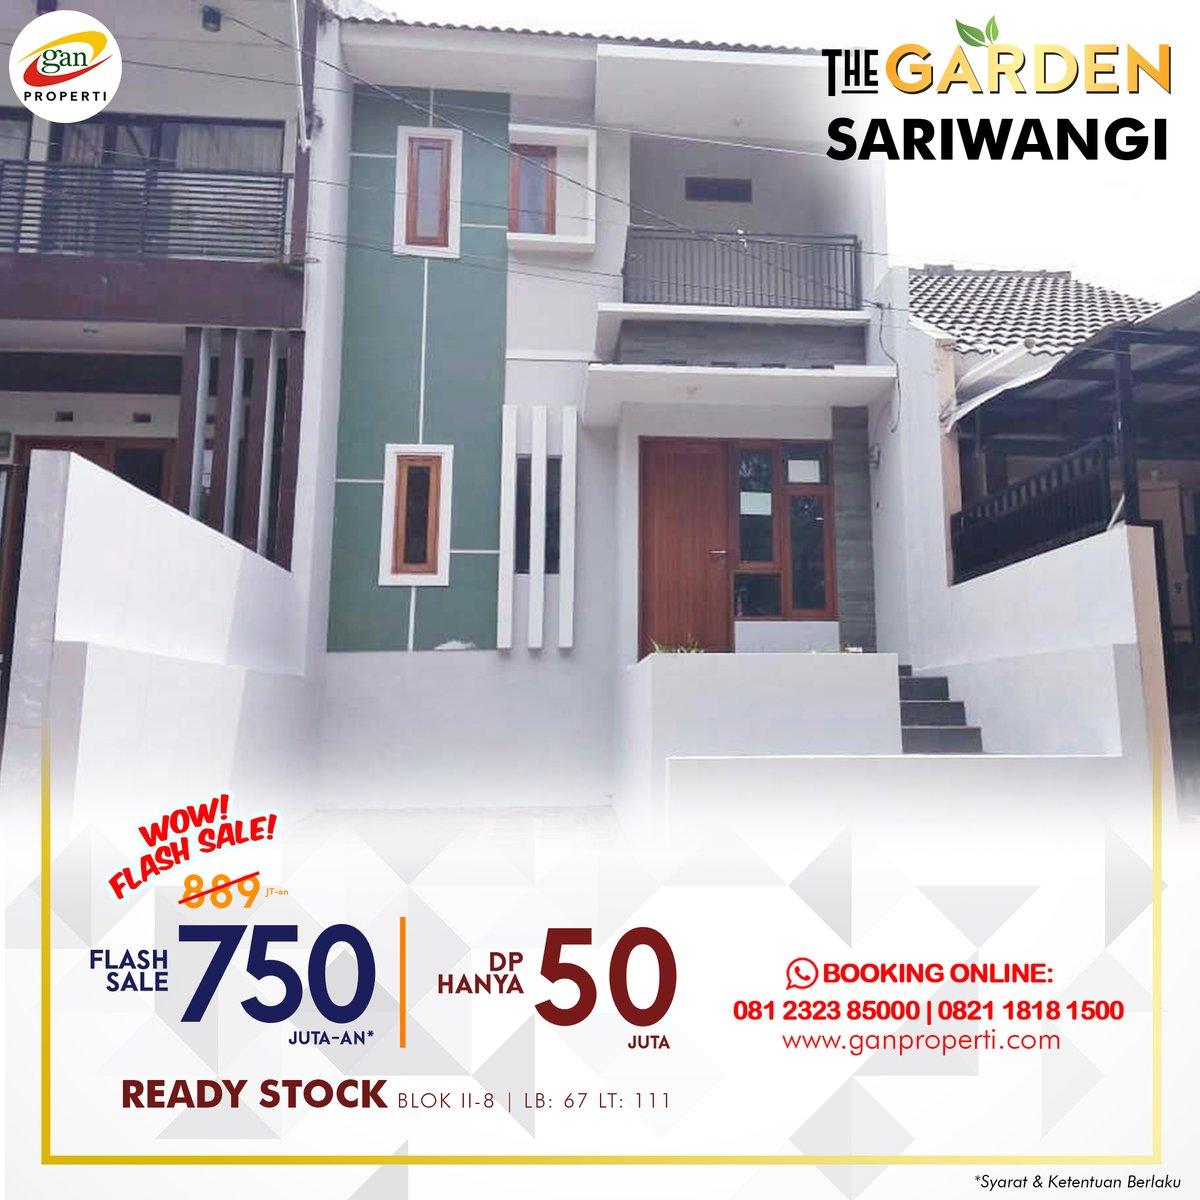 [BANDUNG UTARA]⠀ Lagi DISKON!! Rumah siap huni 2 lantai di Sariwangi.. Lokasi strategis dekat Ciwaruga, Gegerkalong, Sarijadi..  >>FAST RESPON WHATSAPP: 081 2323 85000/0821 1818   #rumah #rumahmewah #rumahdijual #rumahimpian #rumahbandung #infobandungproperti #rumahmodernpic.twitter.com/GNlVKTJvJP